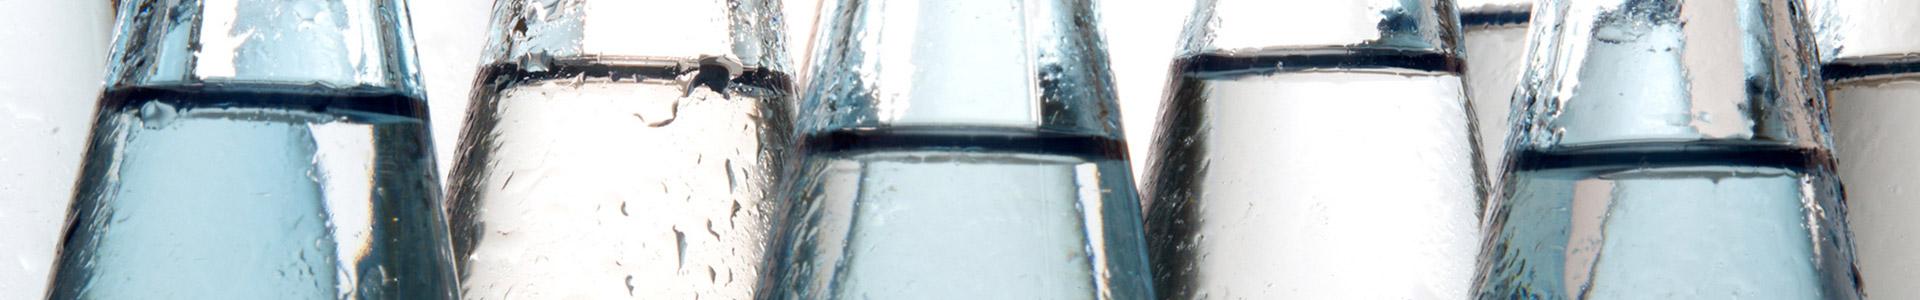 Mineralwasserexperten. Experten des guten Geschmacks.